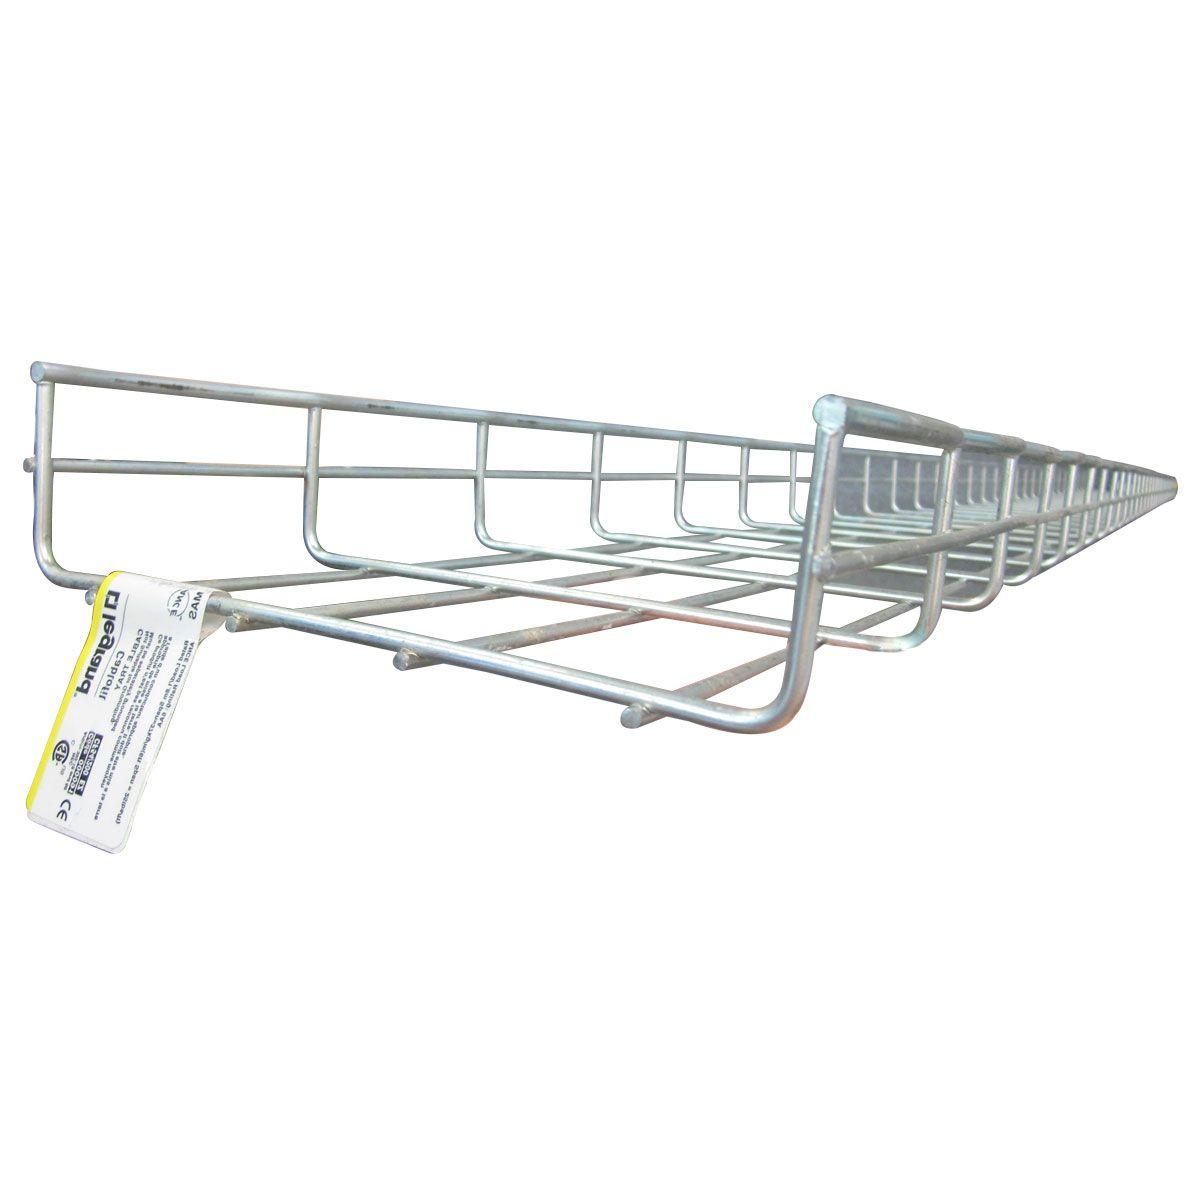 Bandeja porta cable tipo escalerilla 0.20 m x 3 m BTE006